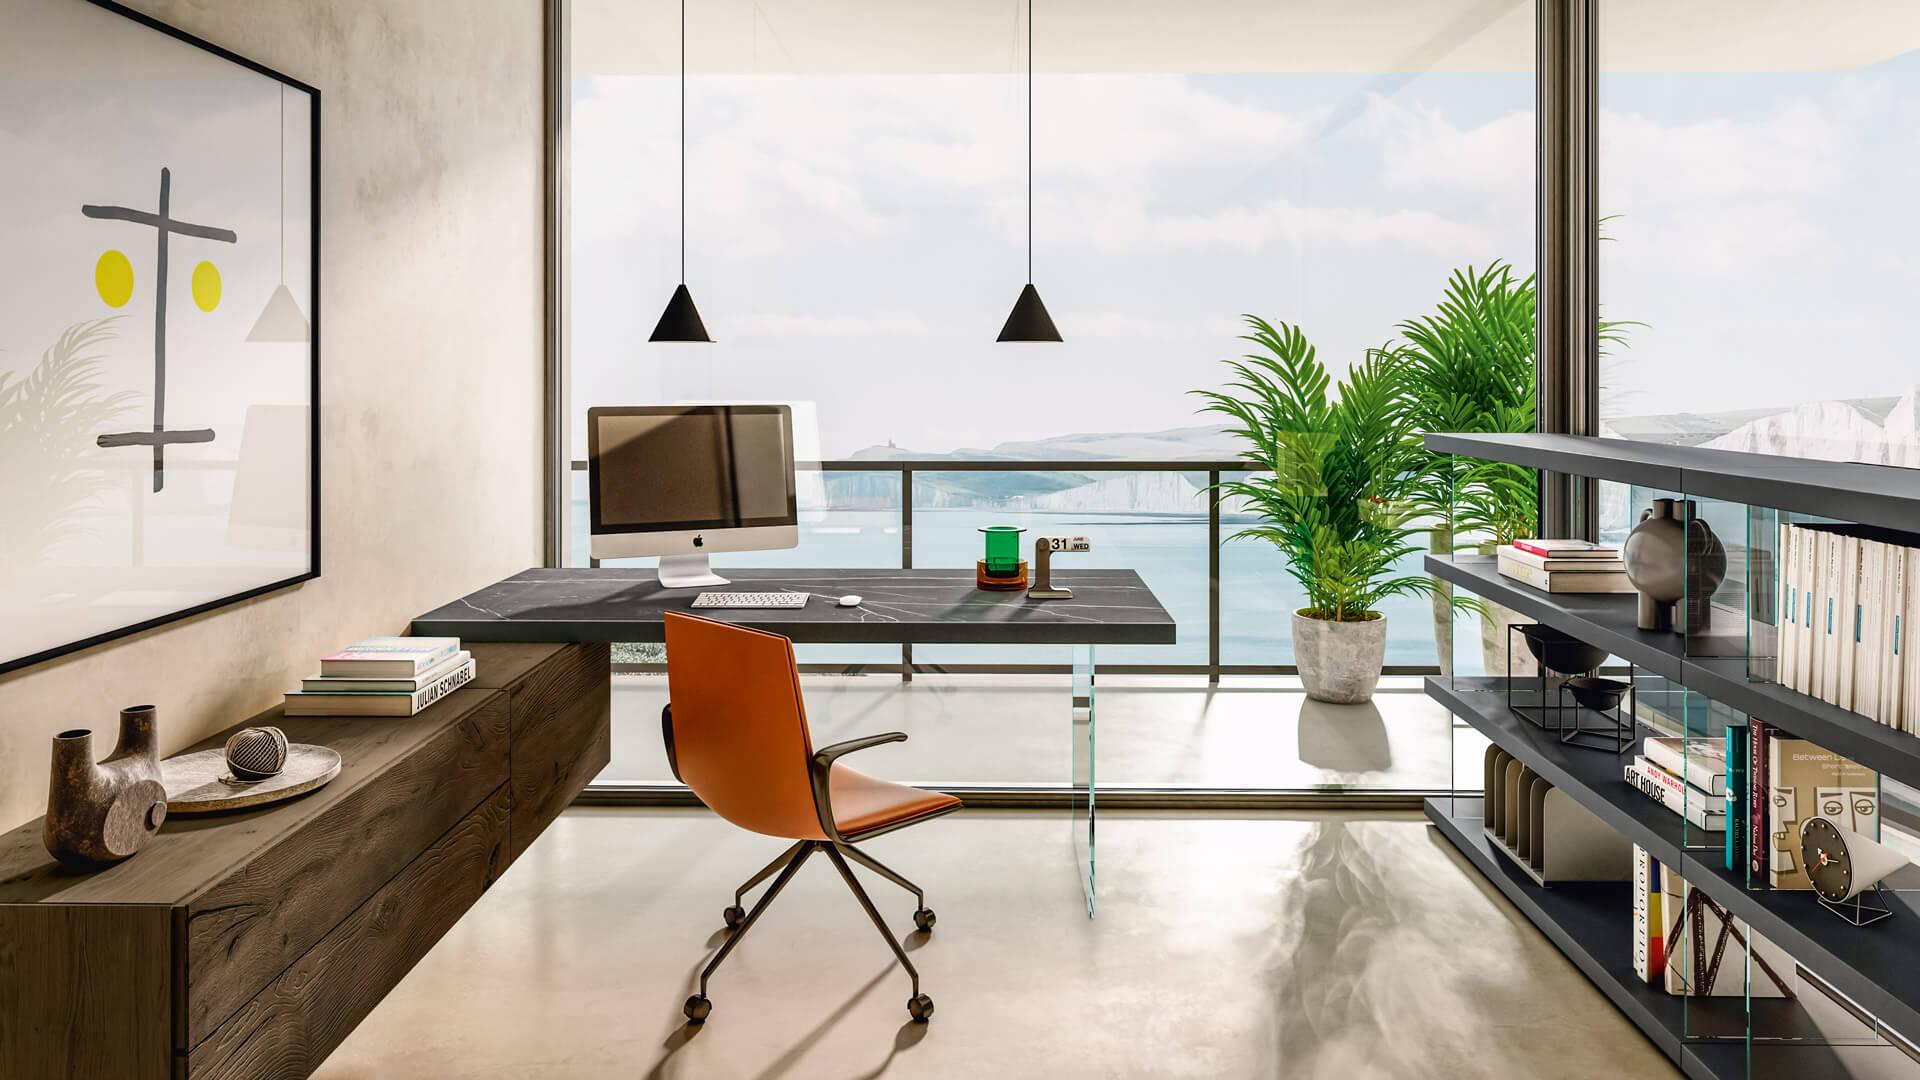 Ý tưởng văn phòng không gian hẹp cho bạn